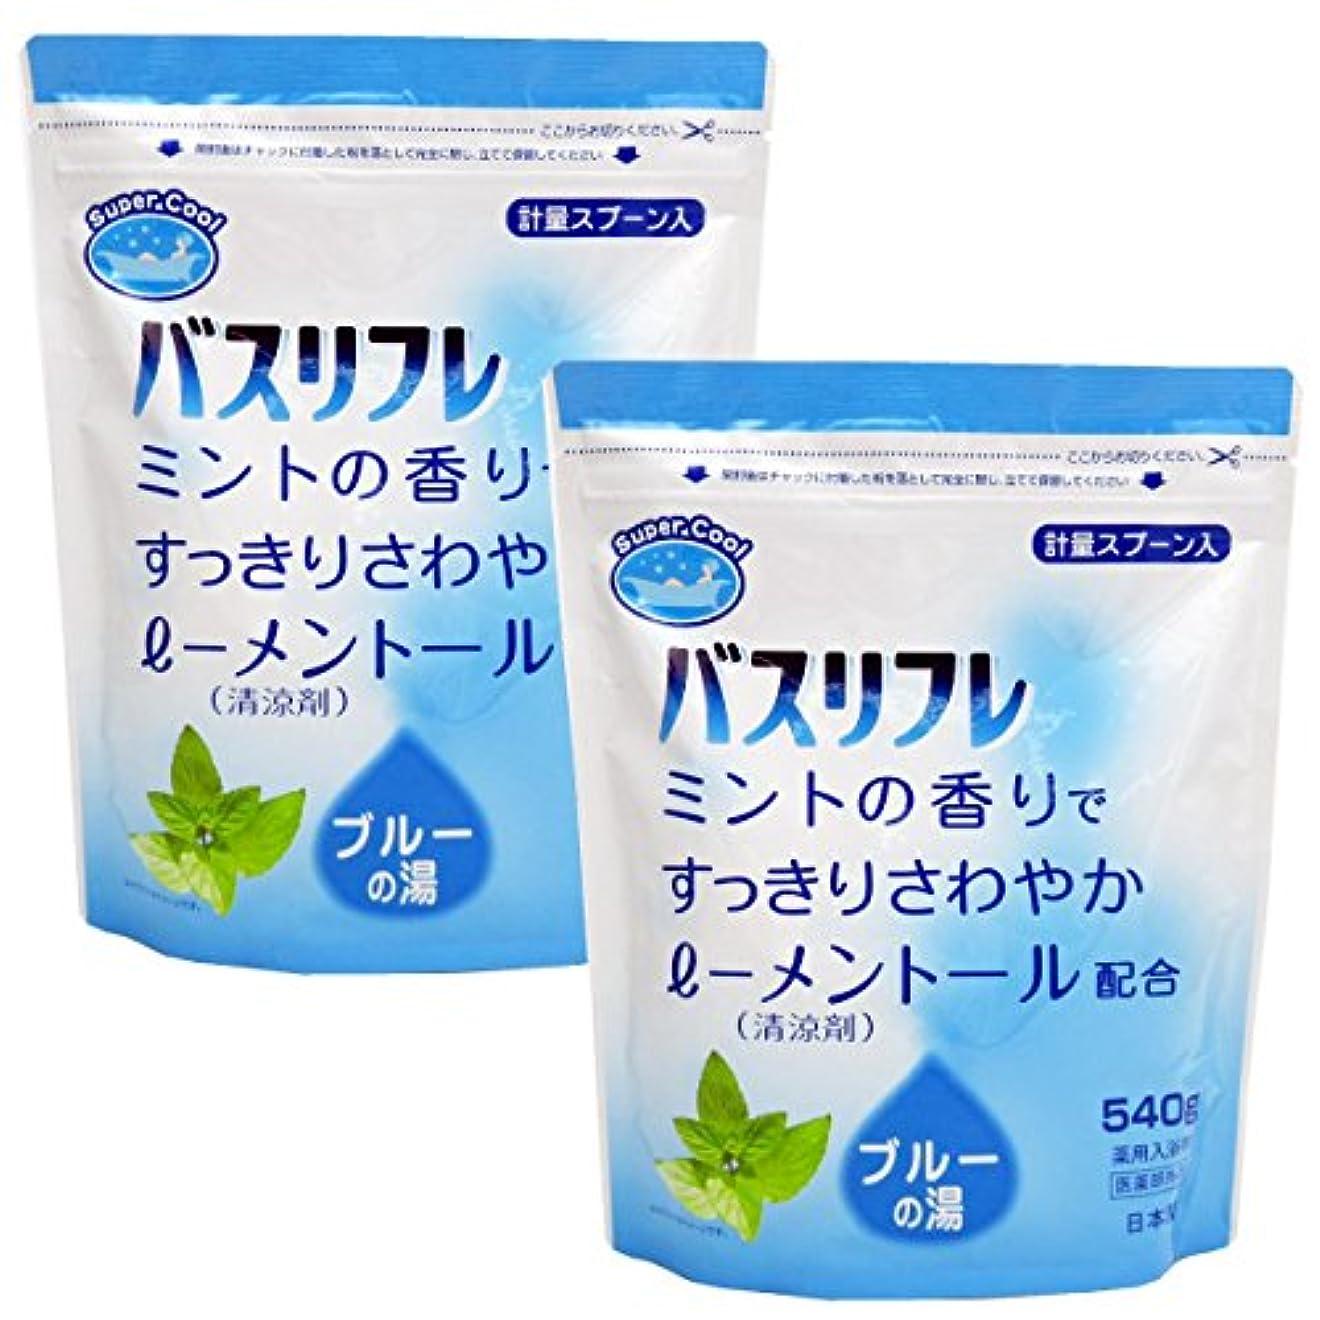 ポジションメディカル勇敢な入浴剤 クール 薬用入浴剤 バスリフレ スーパークール540g×2個セット 日本製